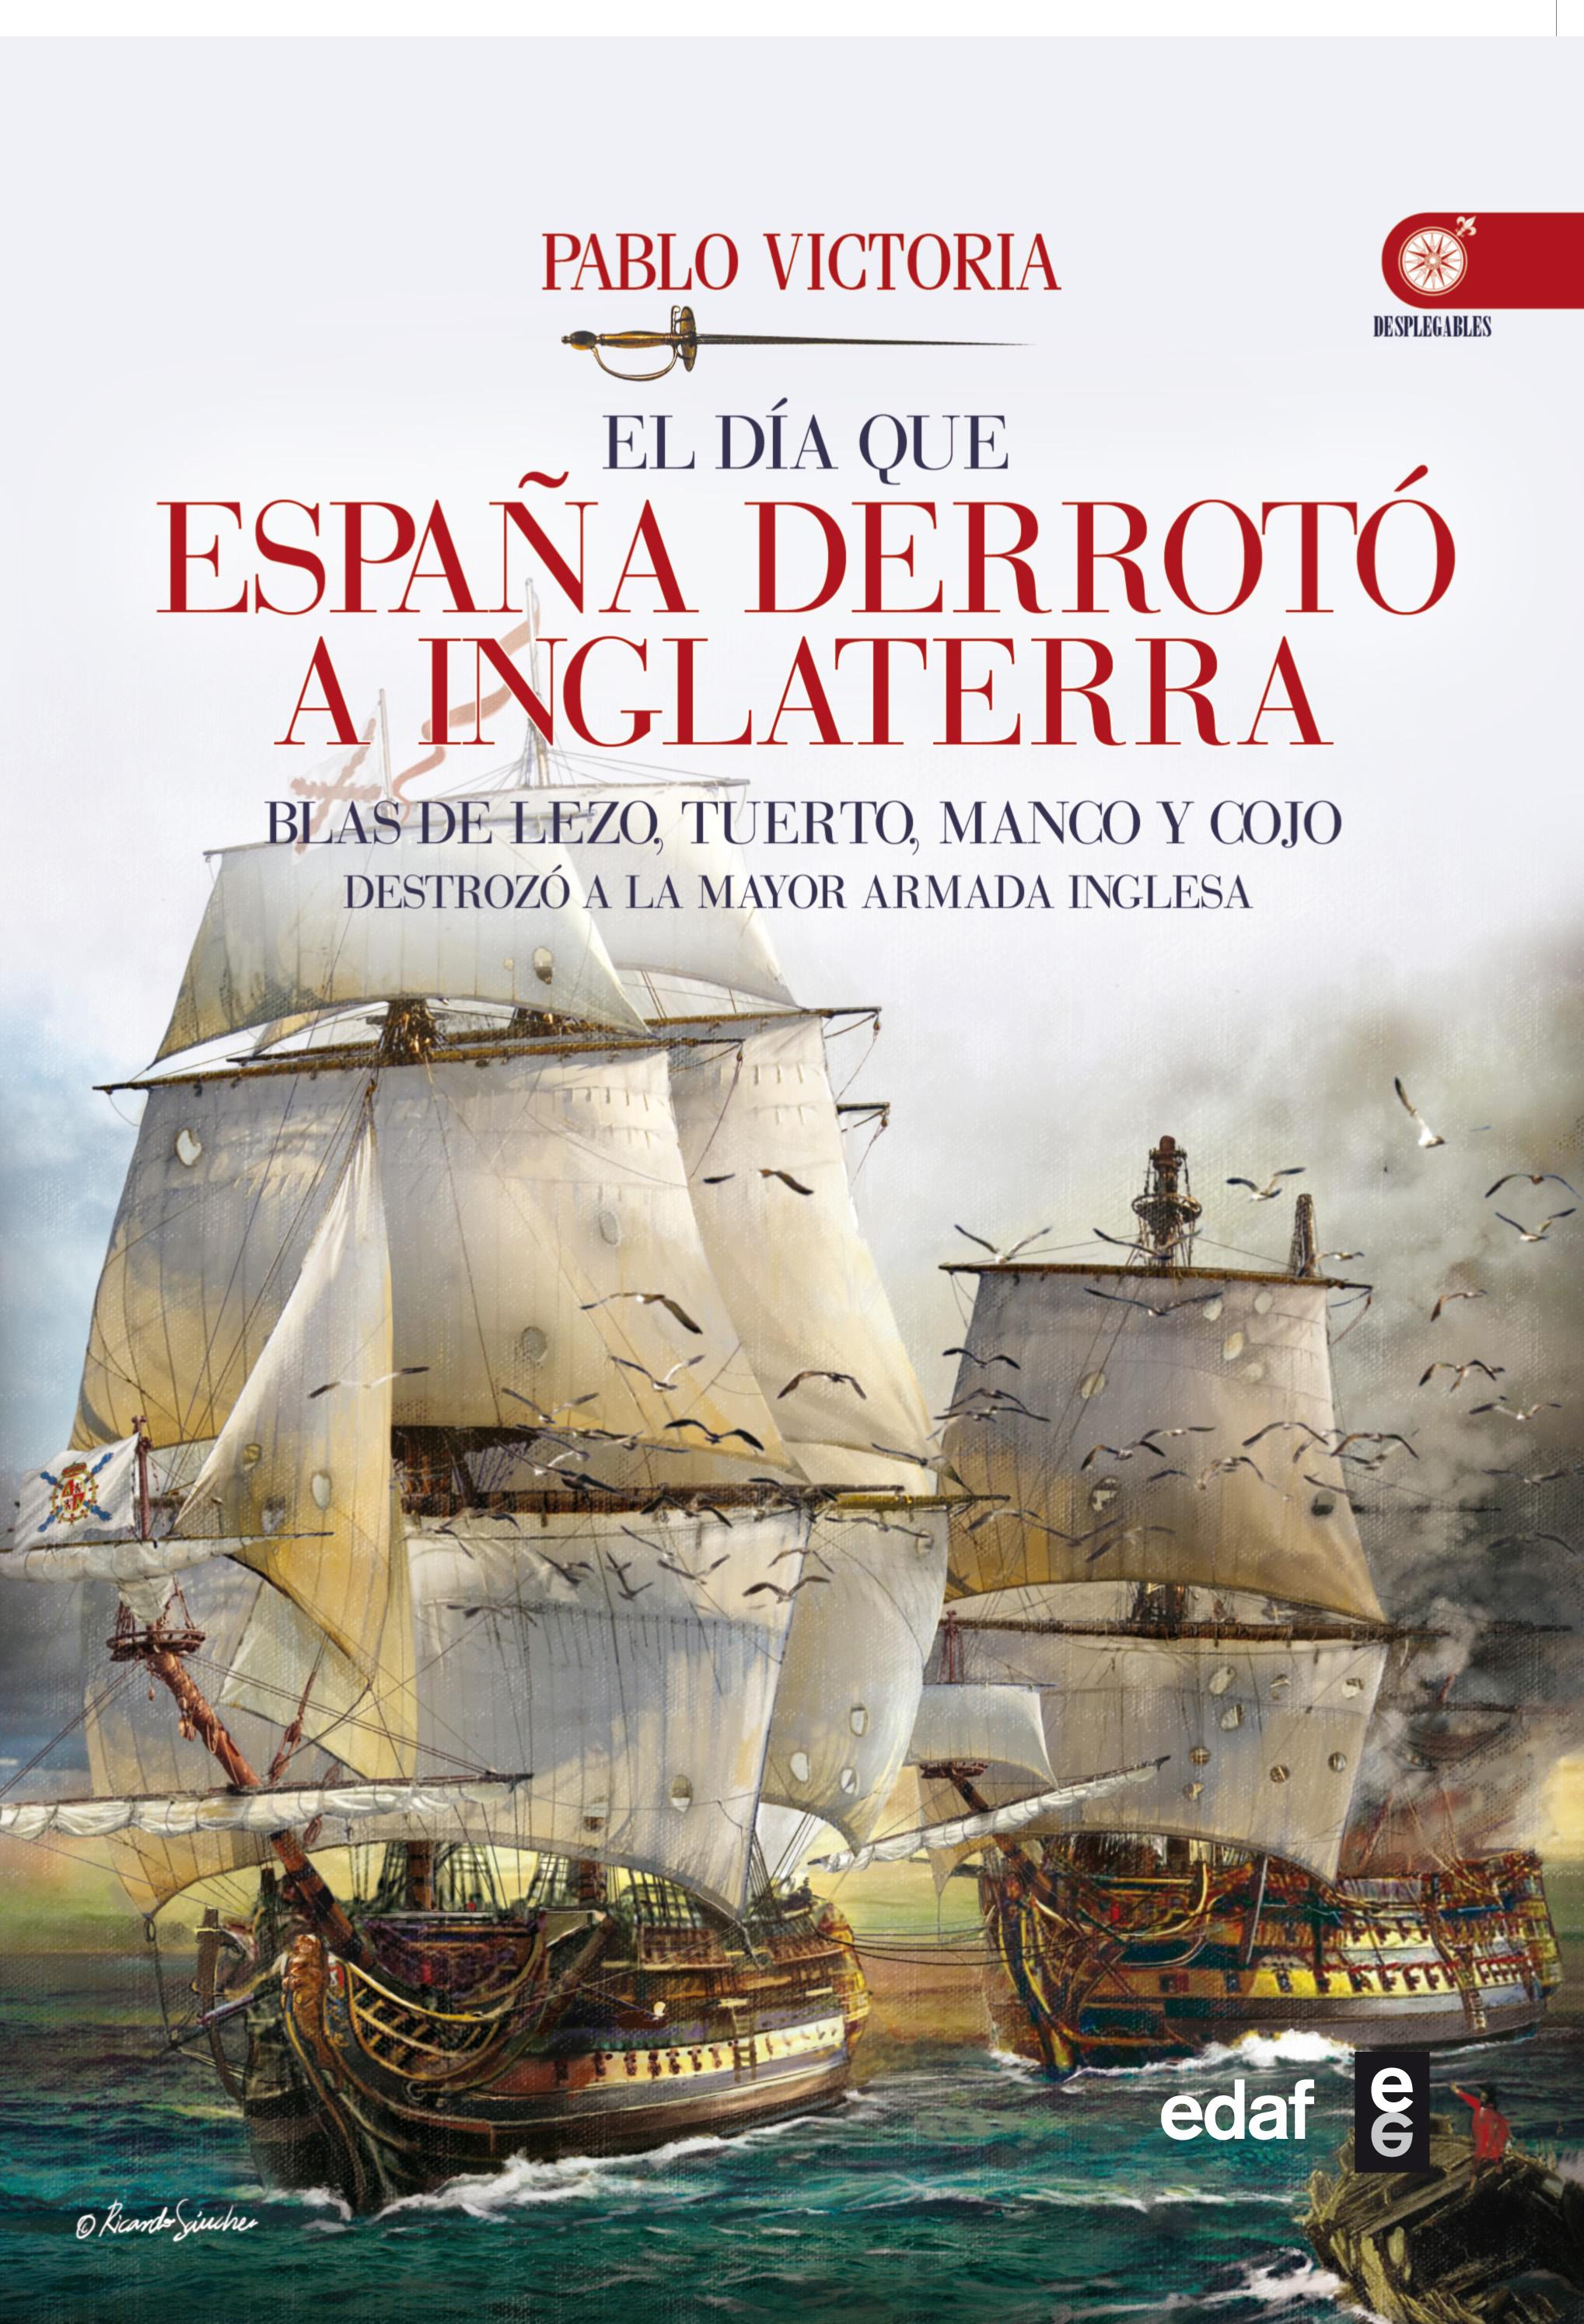 EL DÍA QUE ESPAÑA DERROTÓ A INGLATERRA. BLAS DE LEZO, TUERTO, MANCO Y COJO DESTROZÓ LA MAYOR AR